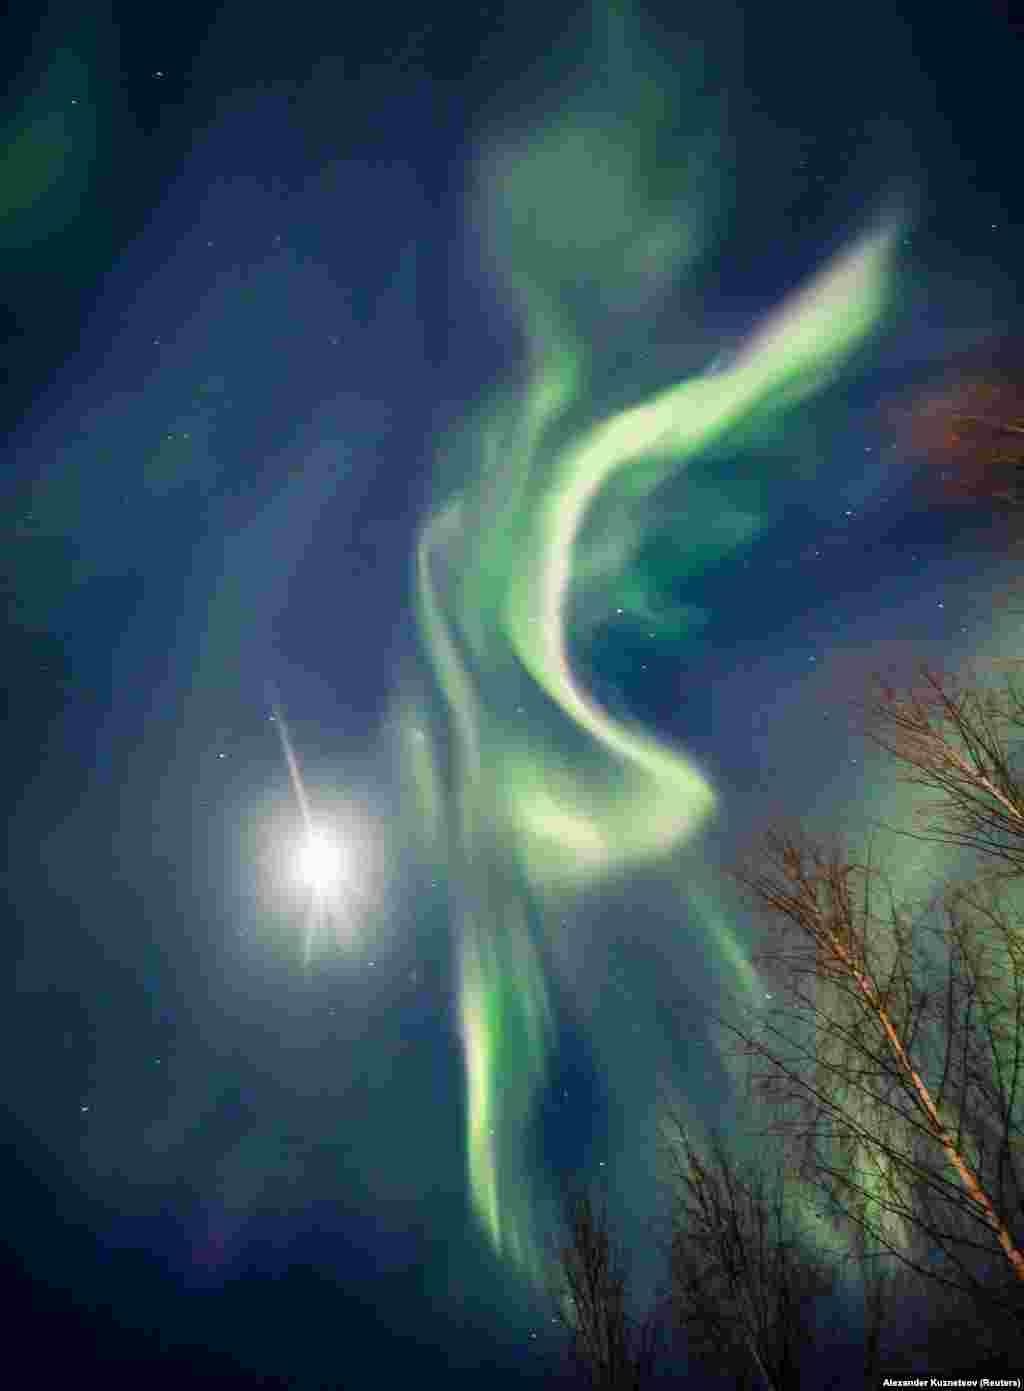 Ez a kép, valamivel korábban, februárban készült. Mintha egy nőalakot rajzolna ki a sarki fény. Talán ő Auróra?